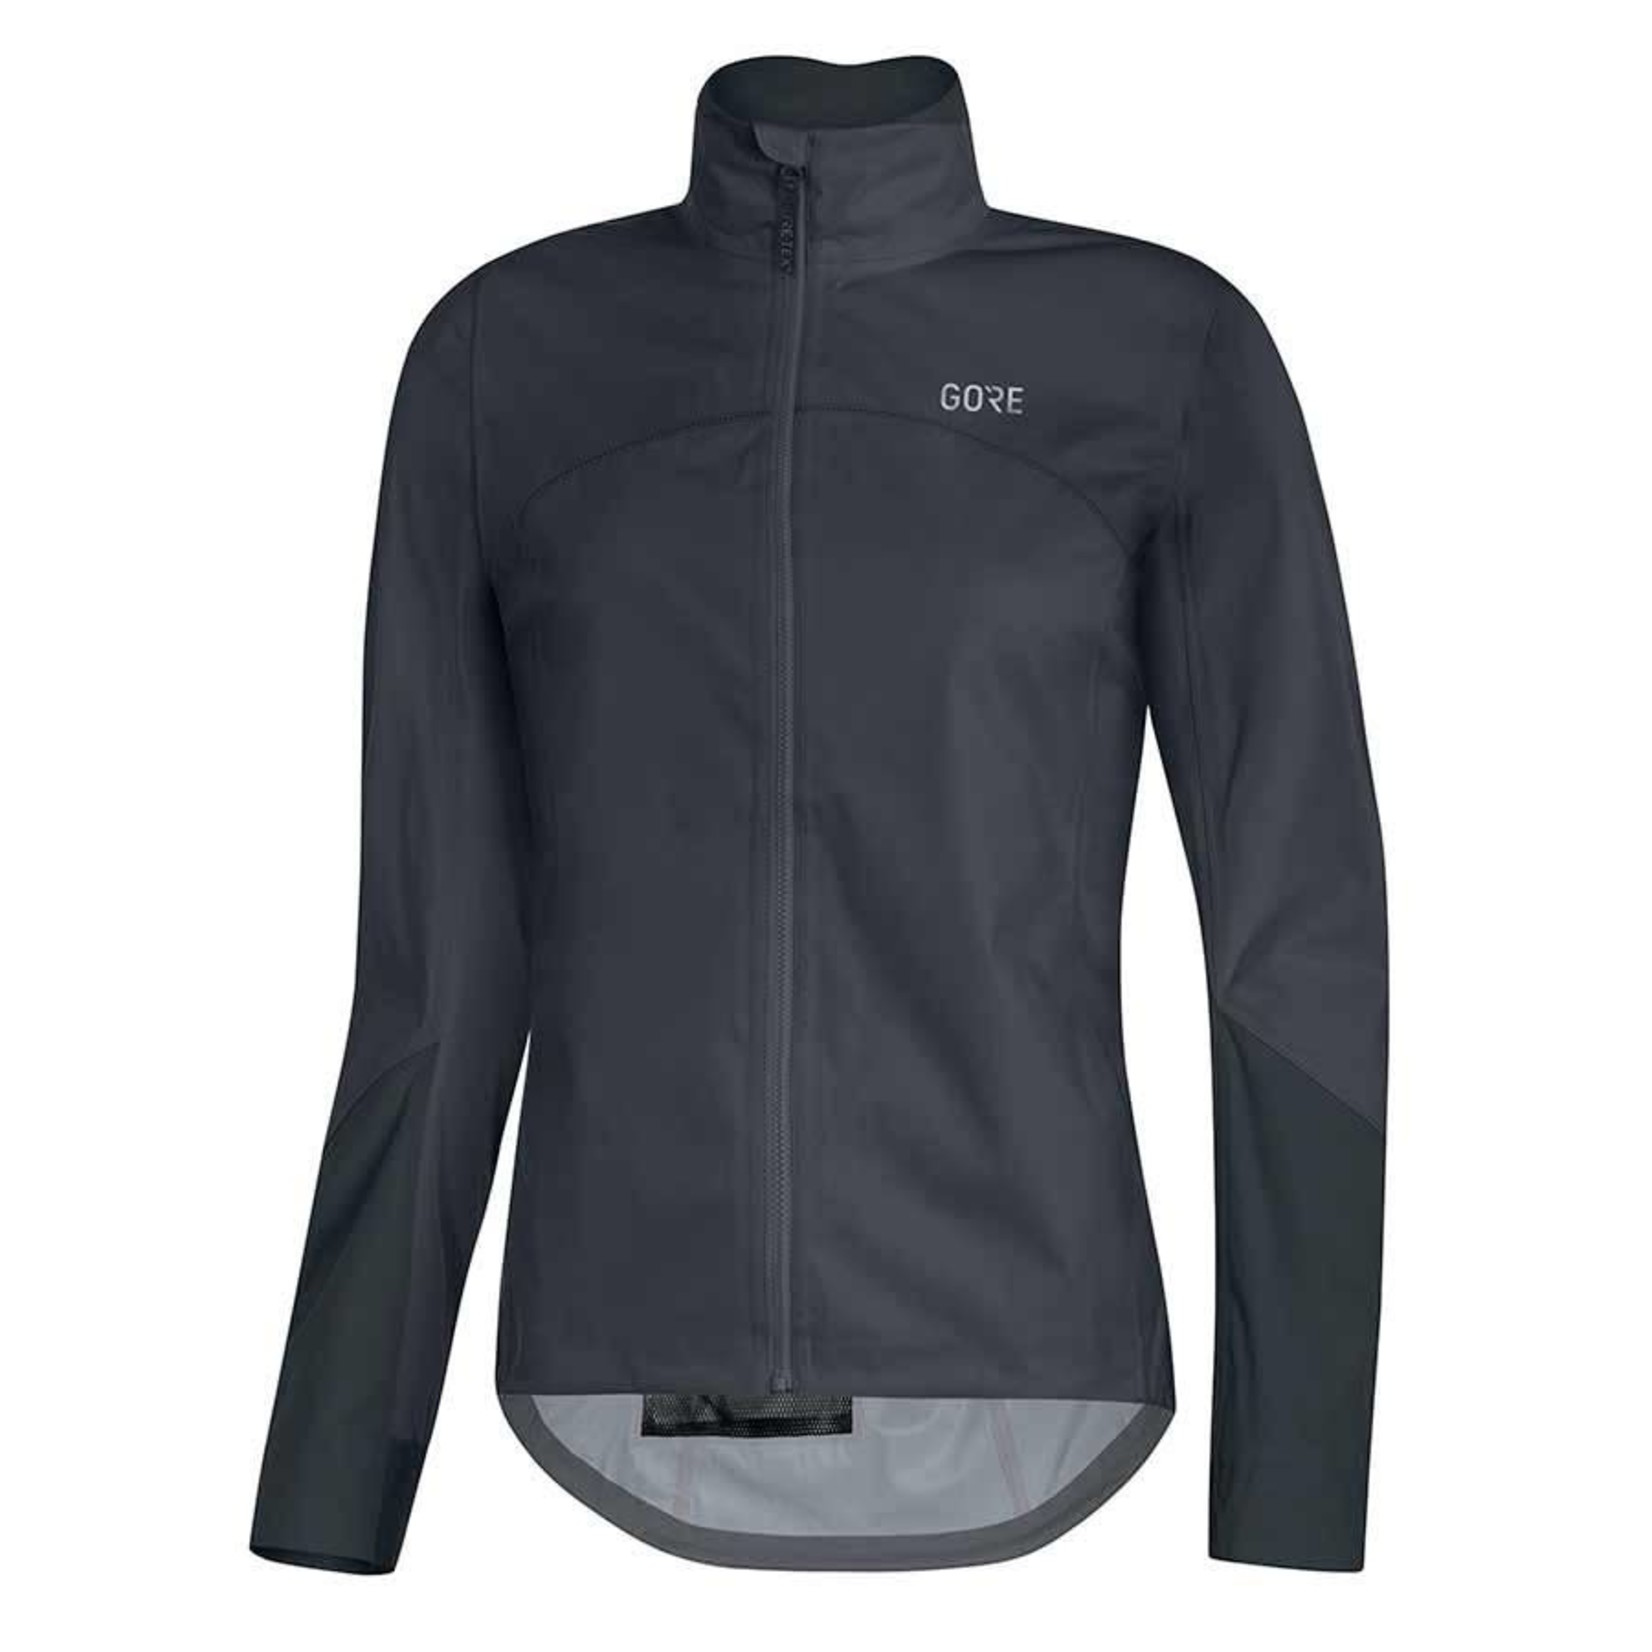 Gore Wear Gore Wear Women's C5 Active Jacket